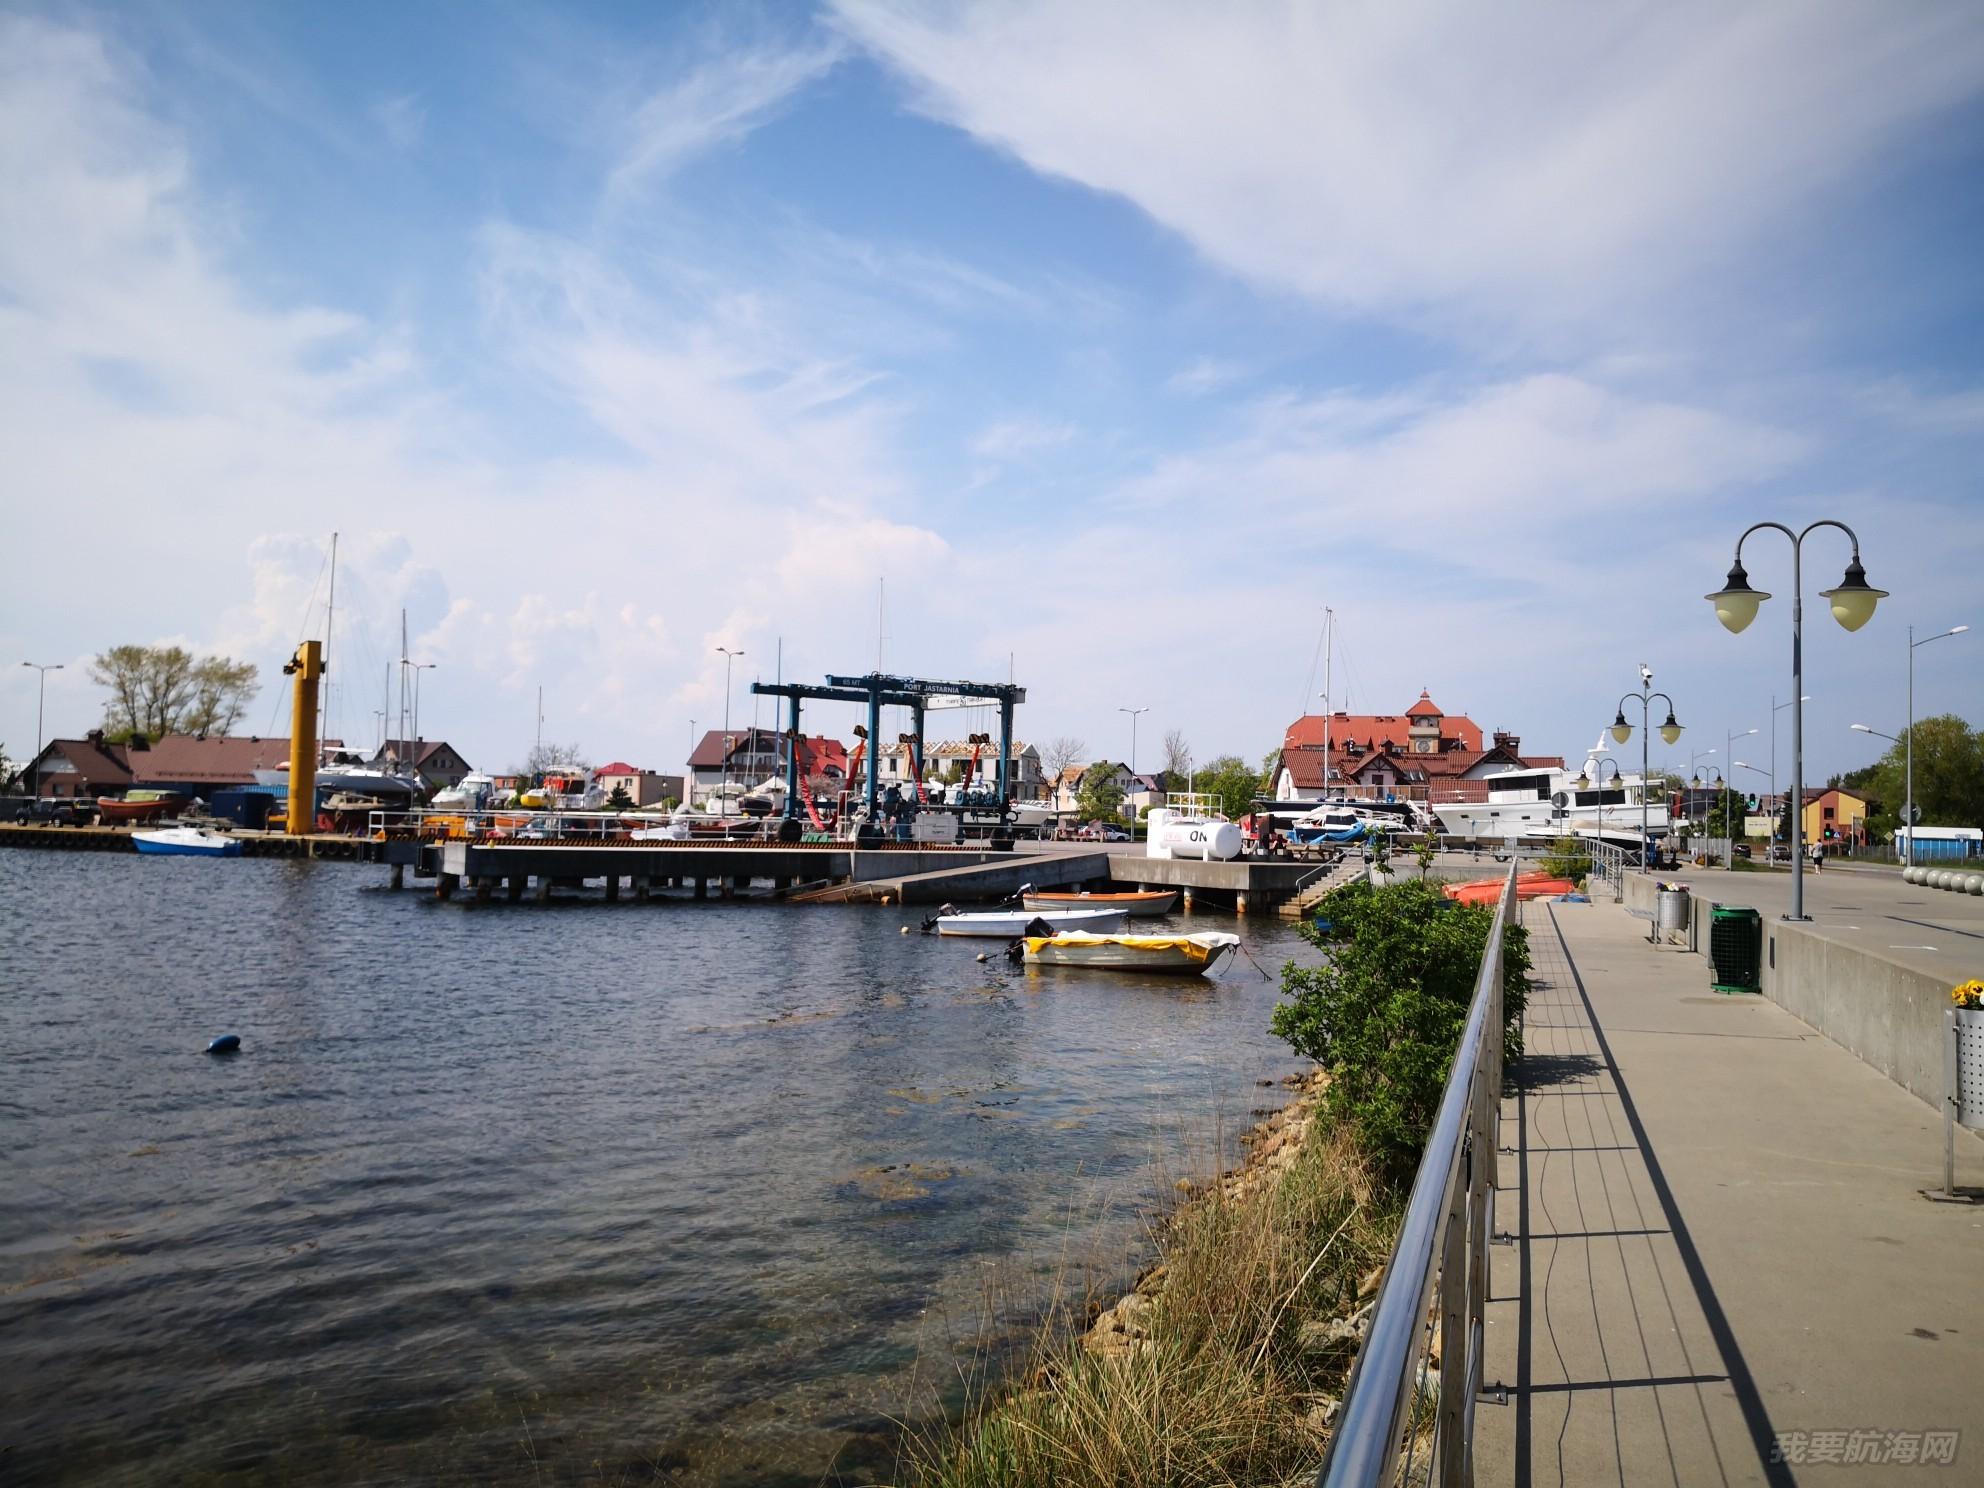 帆船港见闻之波兰北部城市JASTARNIA 帆船港201805